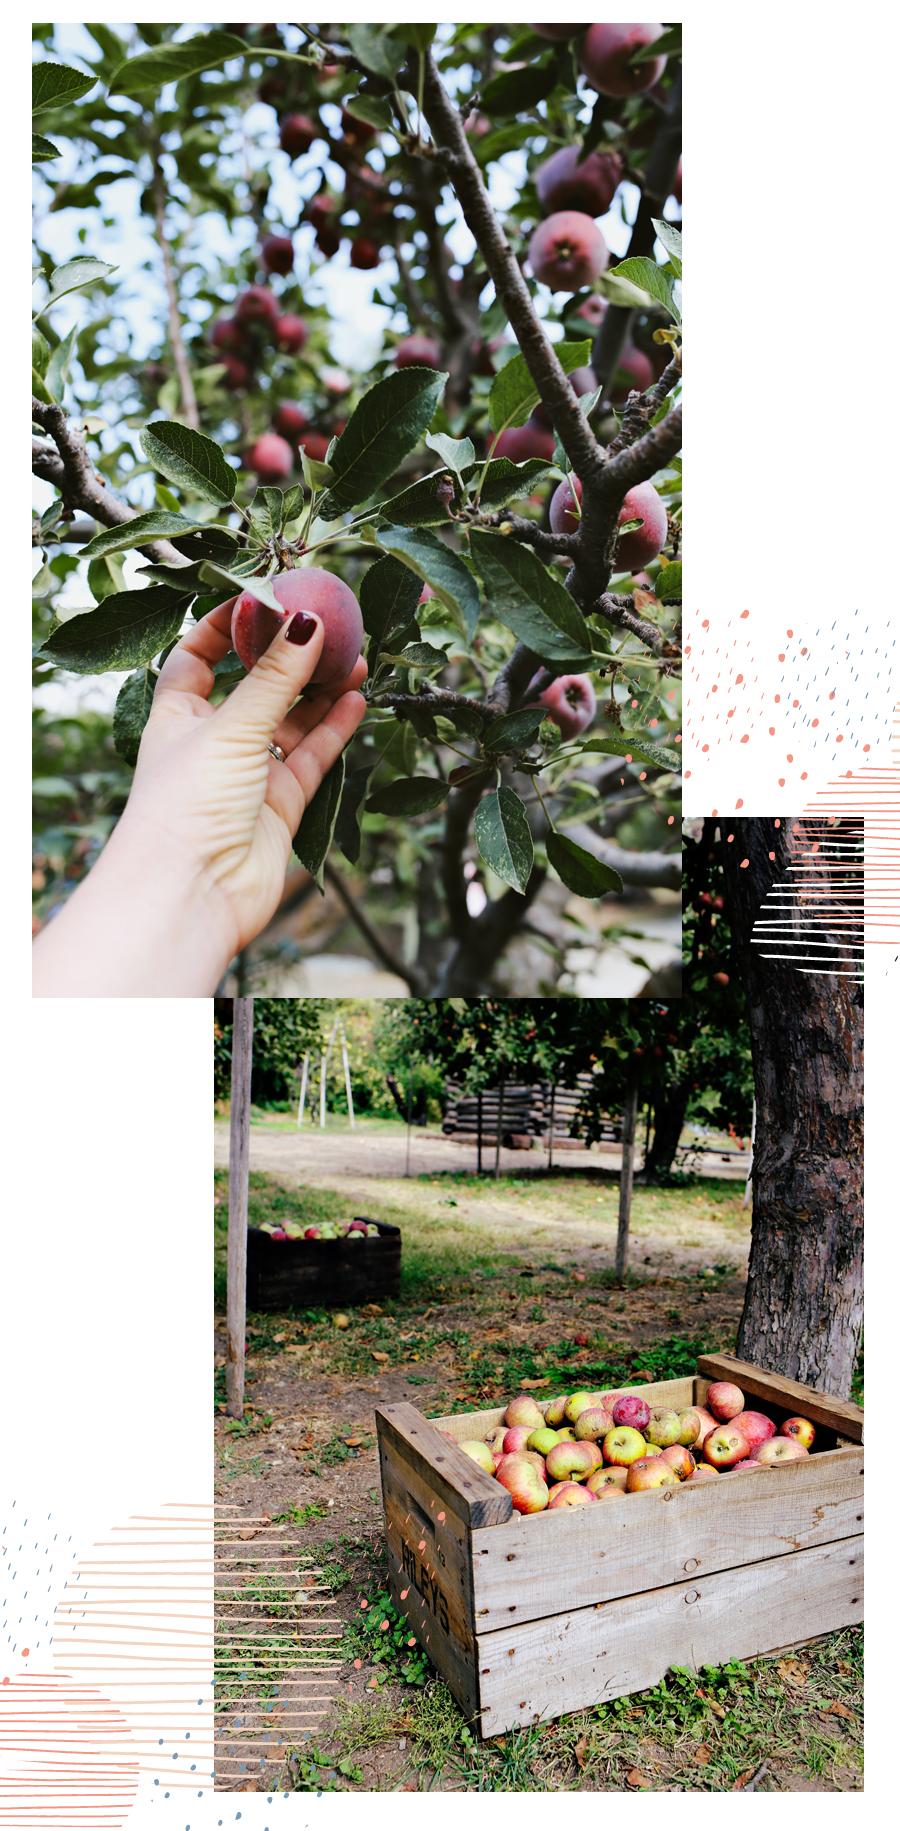 03_Apple-Cardamon-Tart-Dine-X-Design.jpg